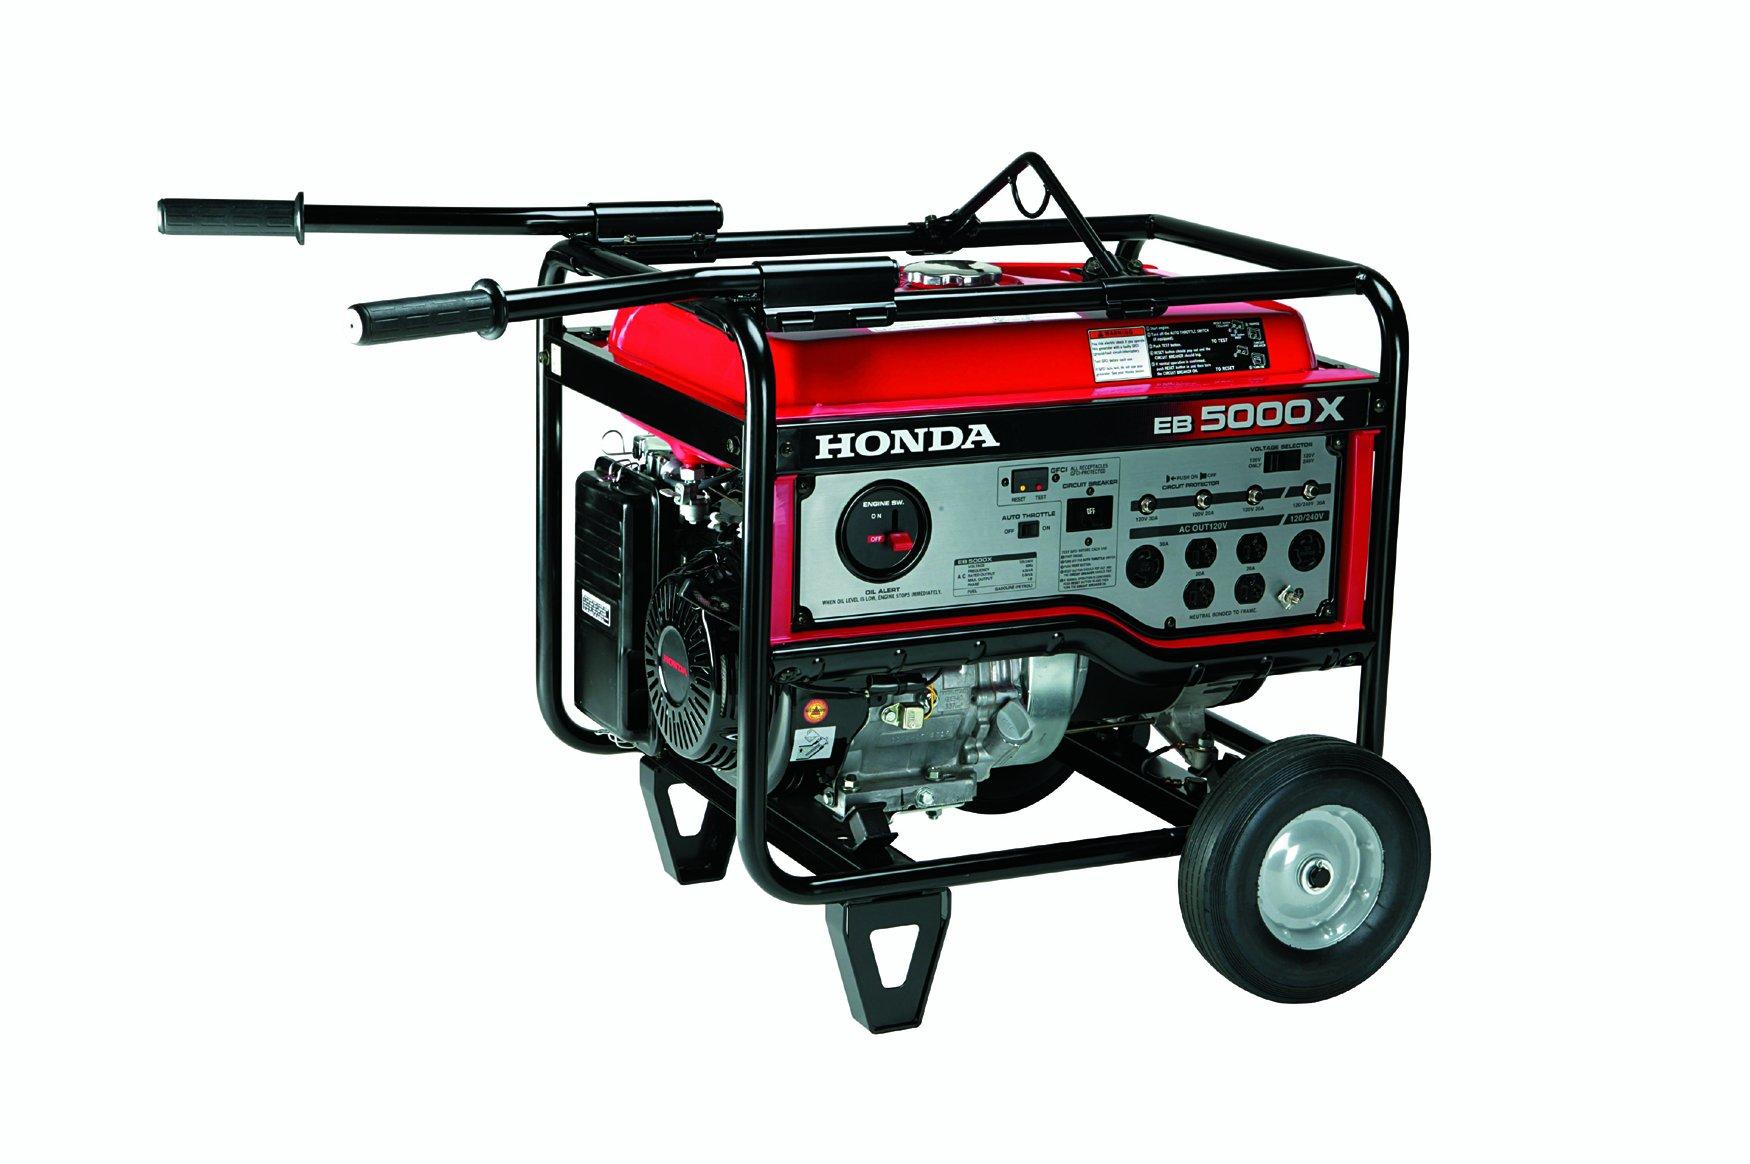 honda ev6010 wiring diagram honda eb5000x eb6500x generator parts  honda eb5000x eb6500x generator parts